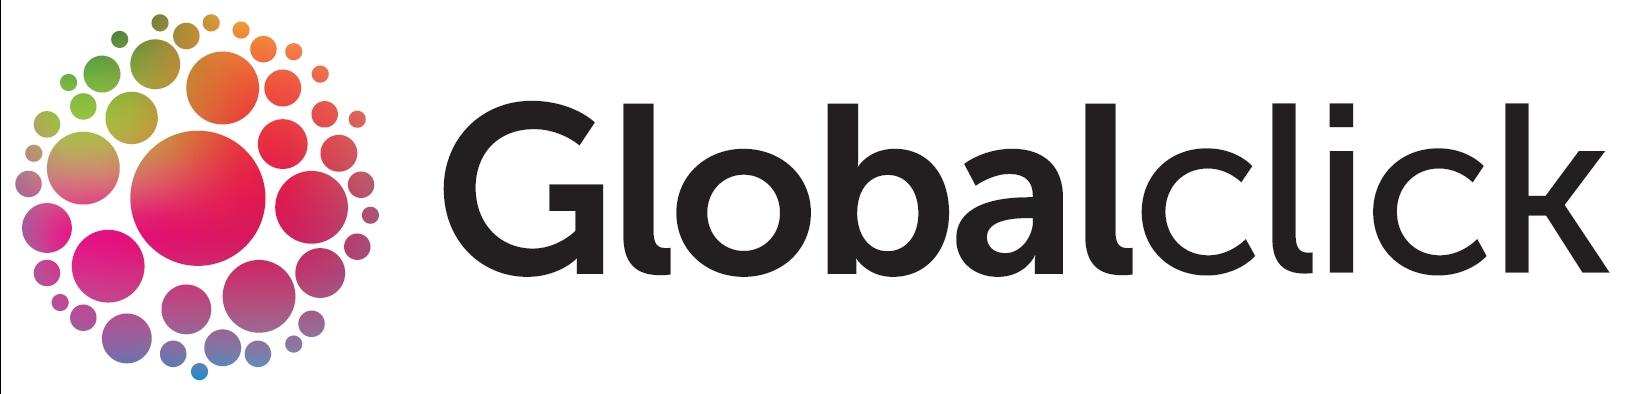 GlobalClick